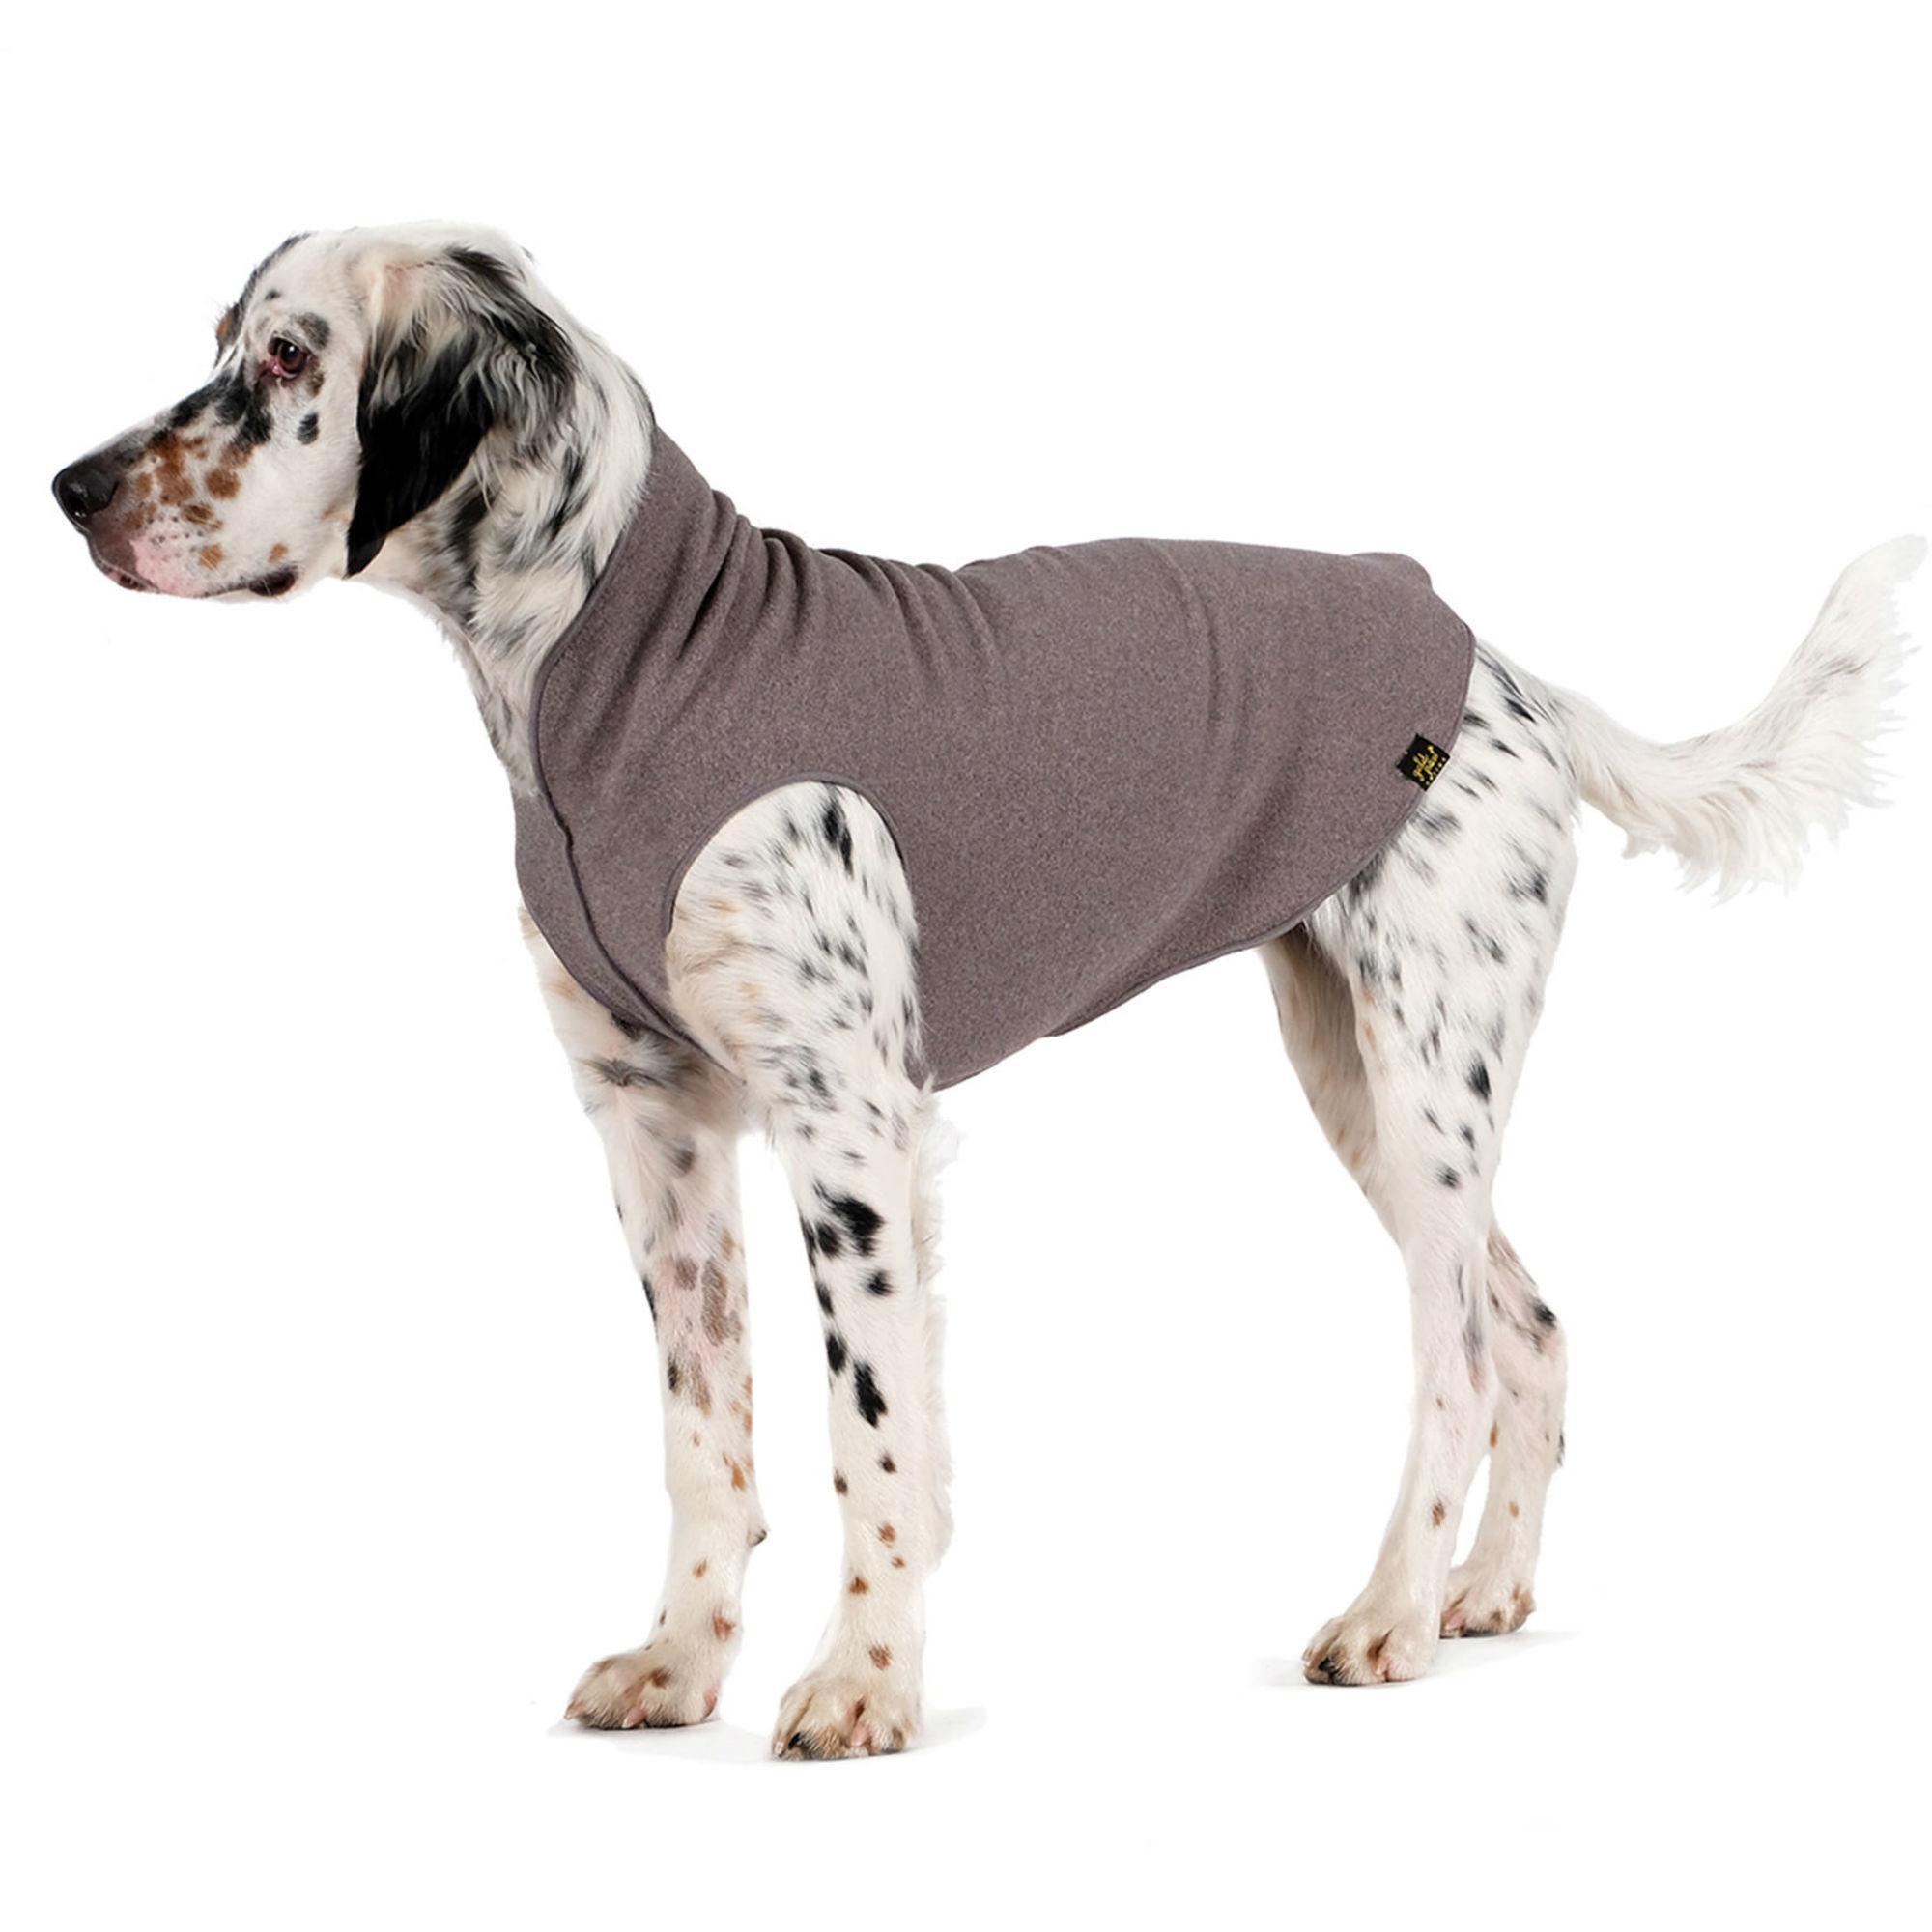 Gold Paw Fleece Dog Jacket - Charcoal Grey